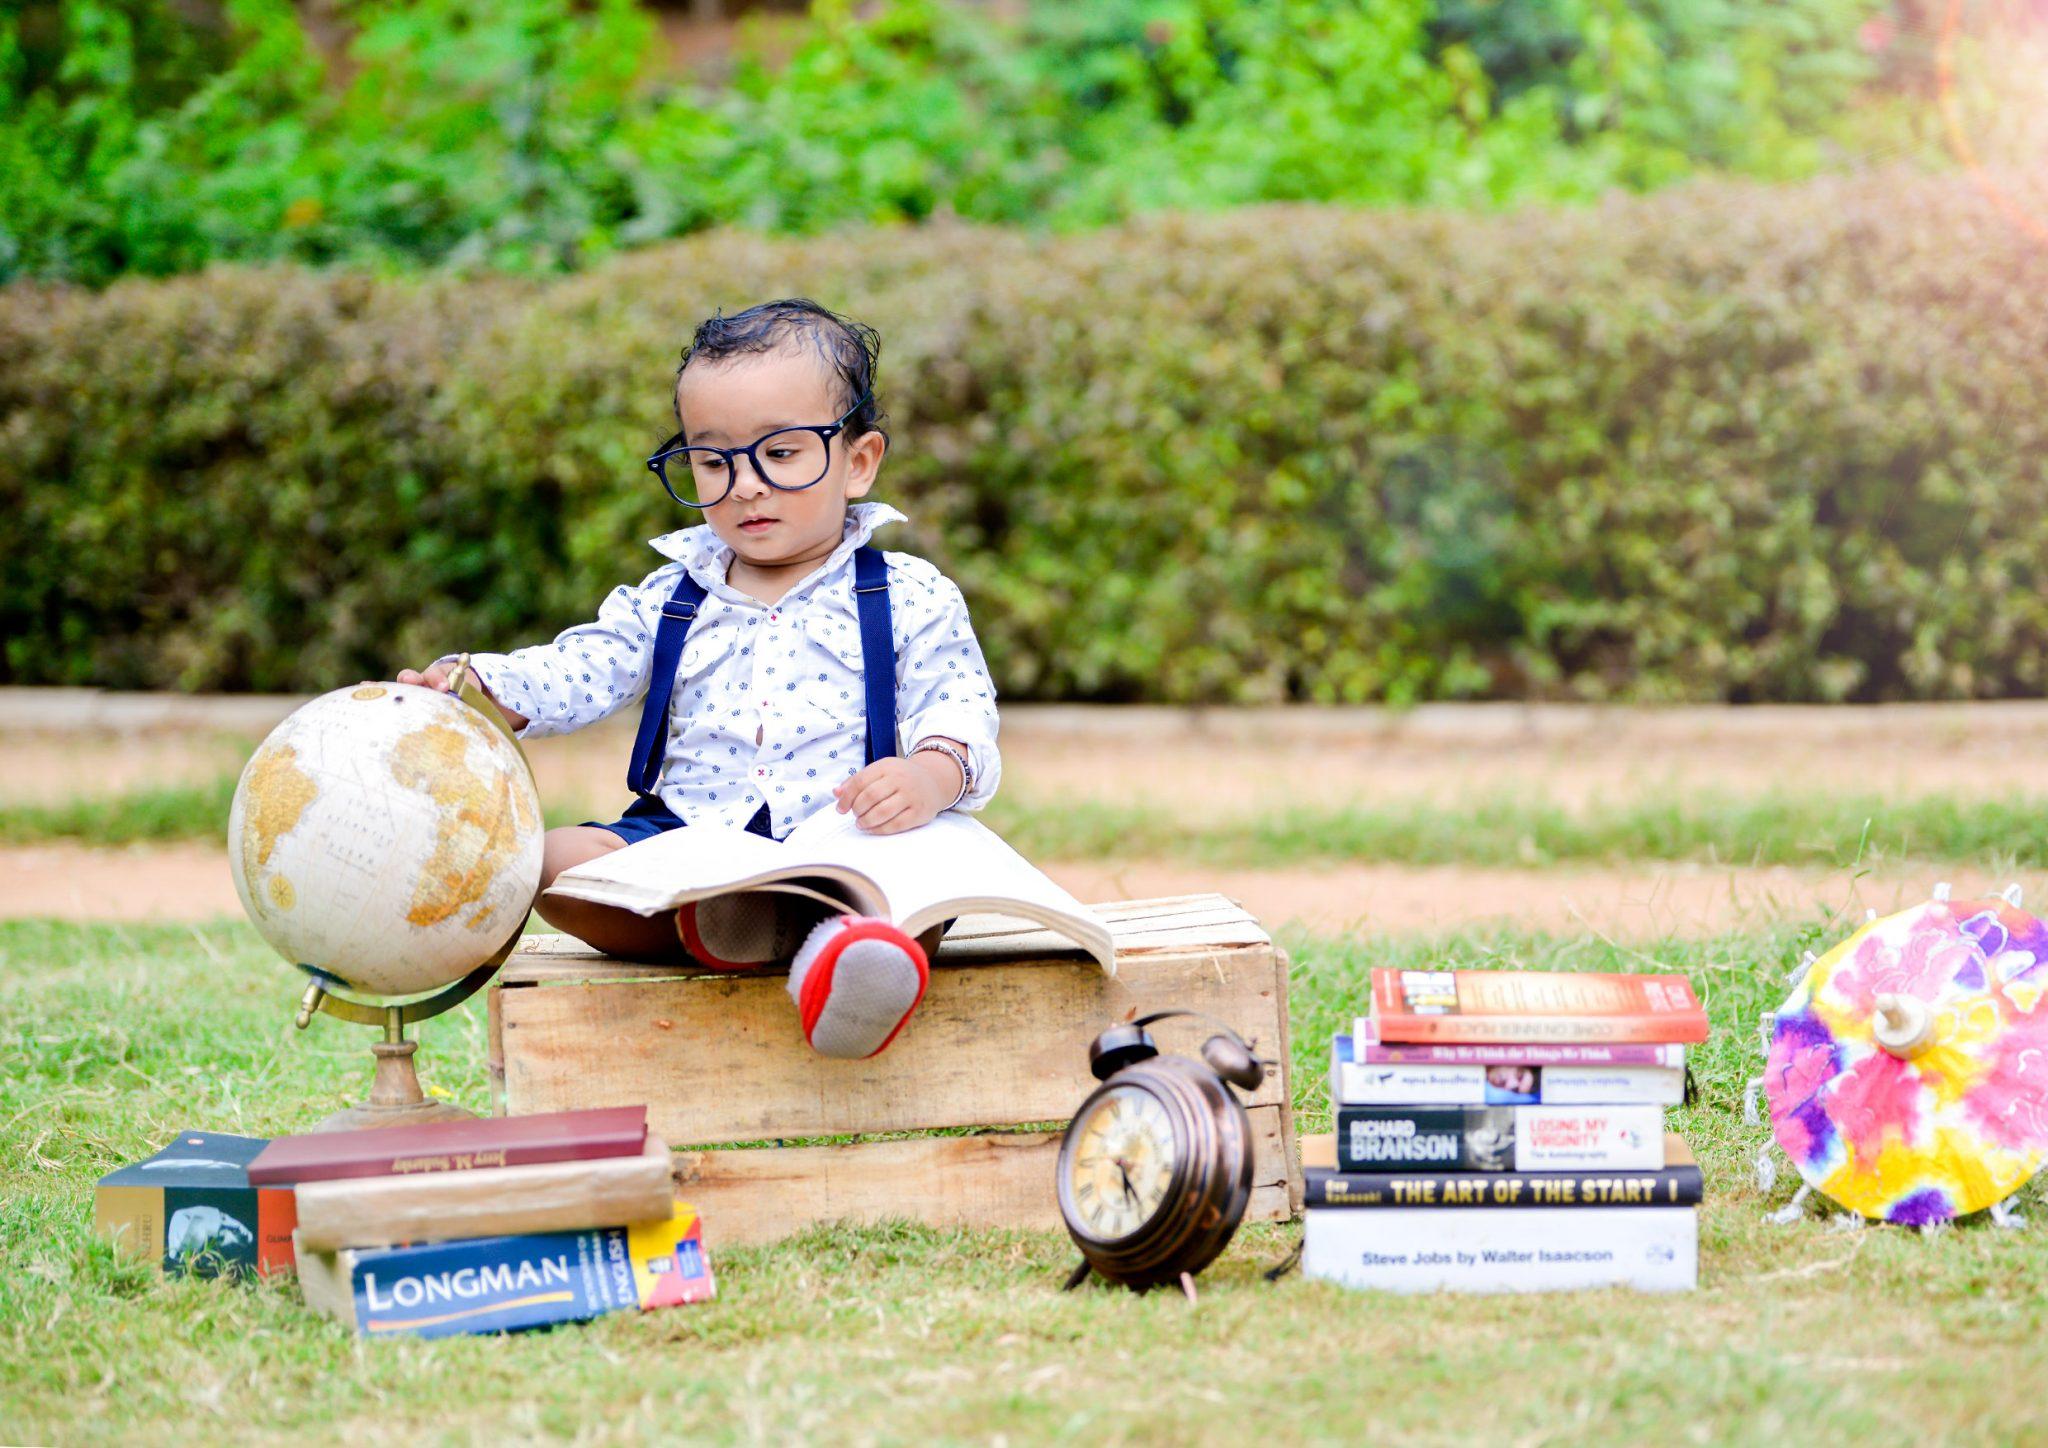 kids photoshoot kids photography baby boy photoshoot pre birthday photoshoot